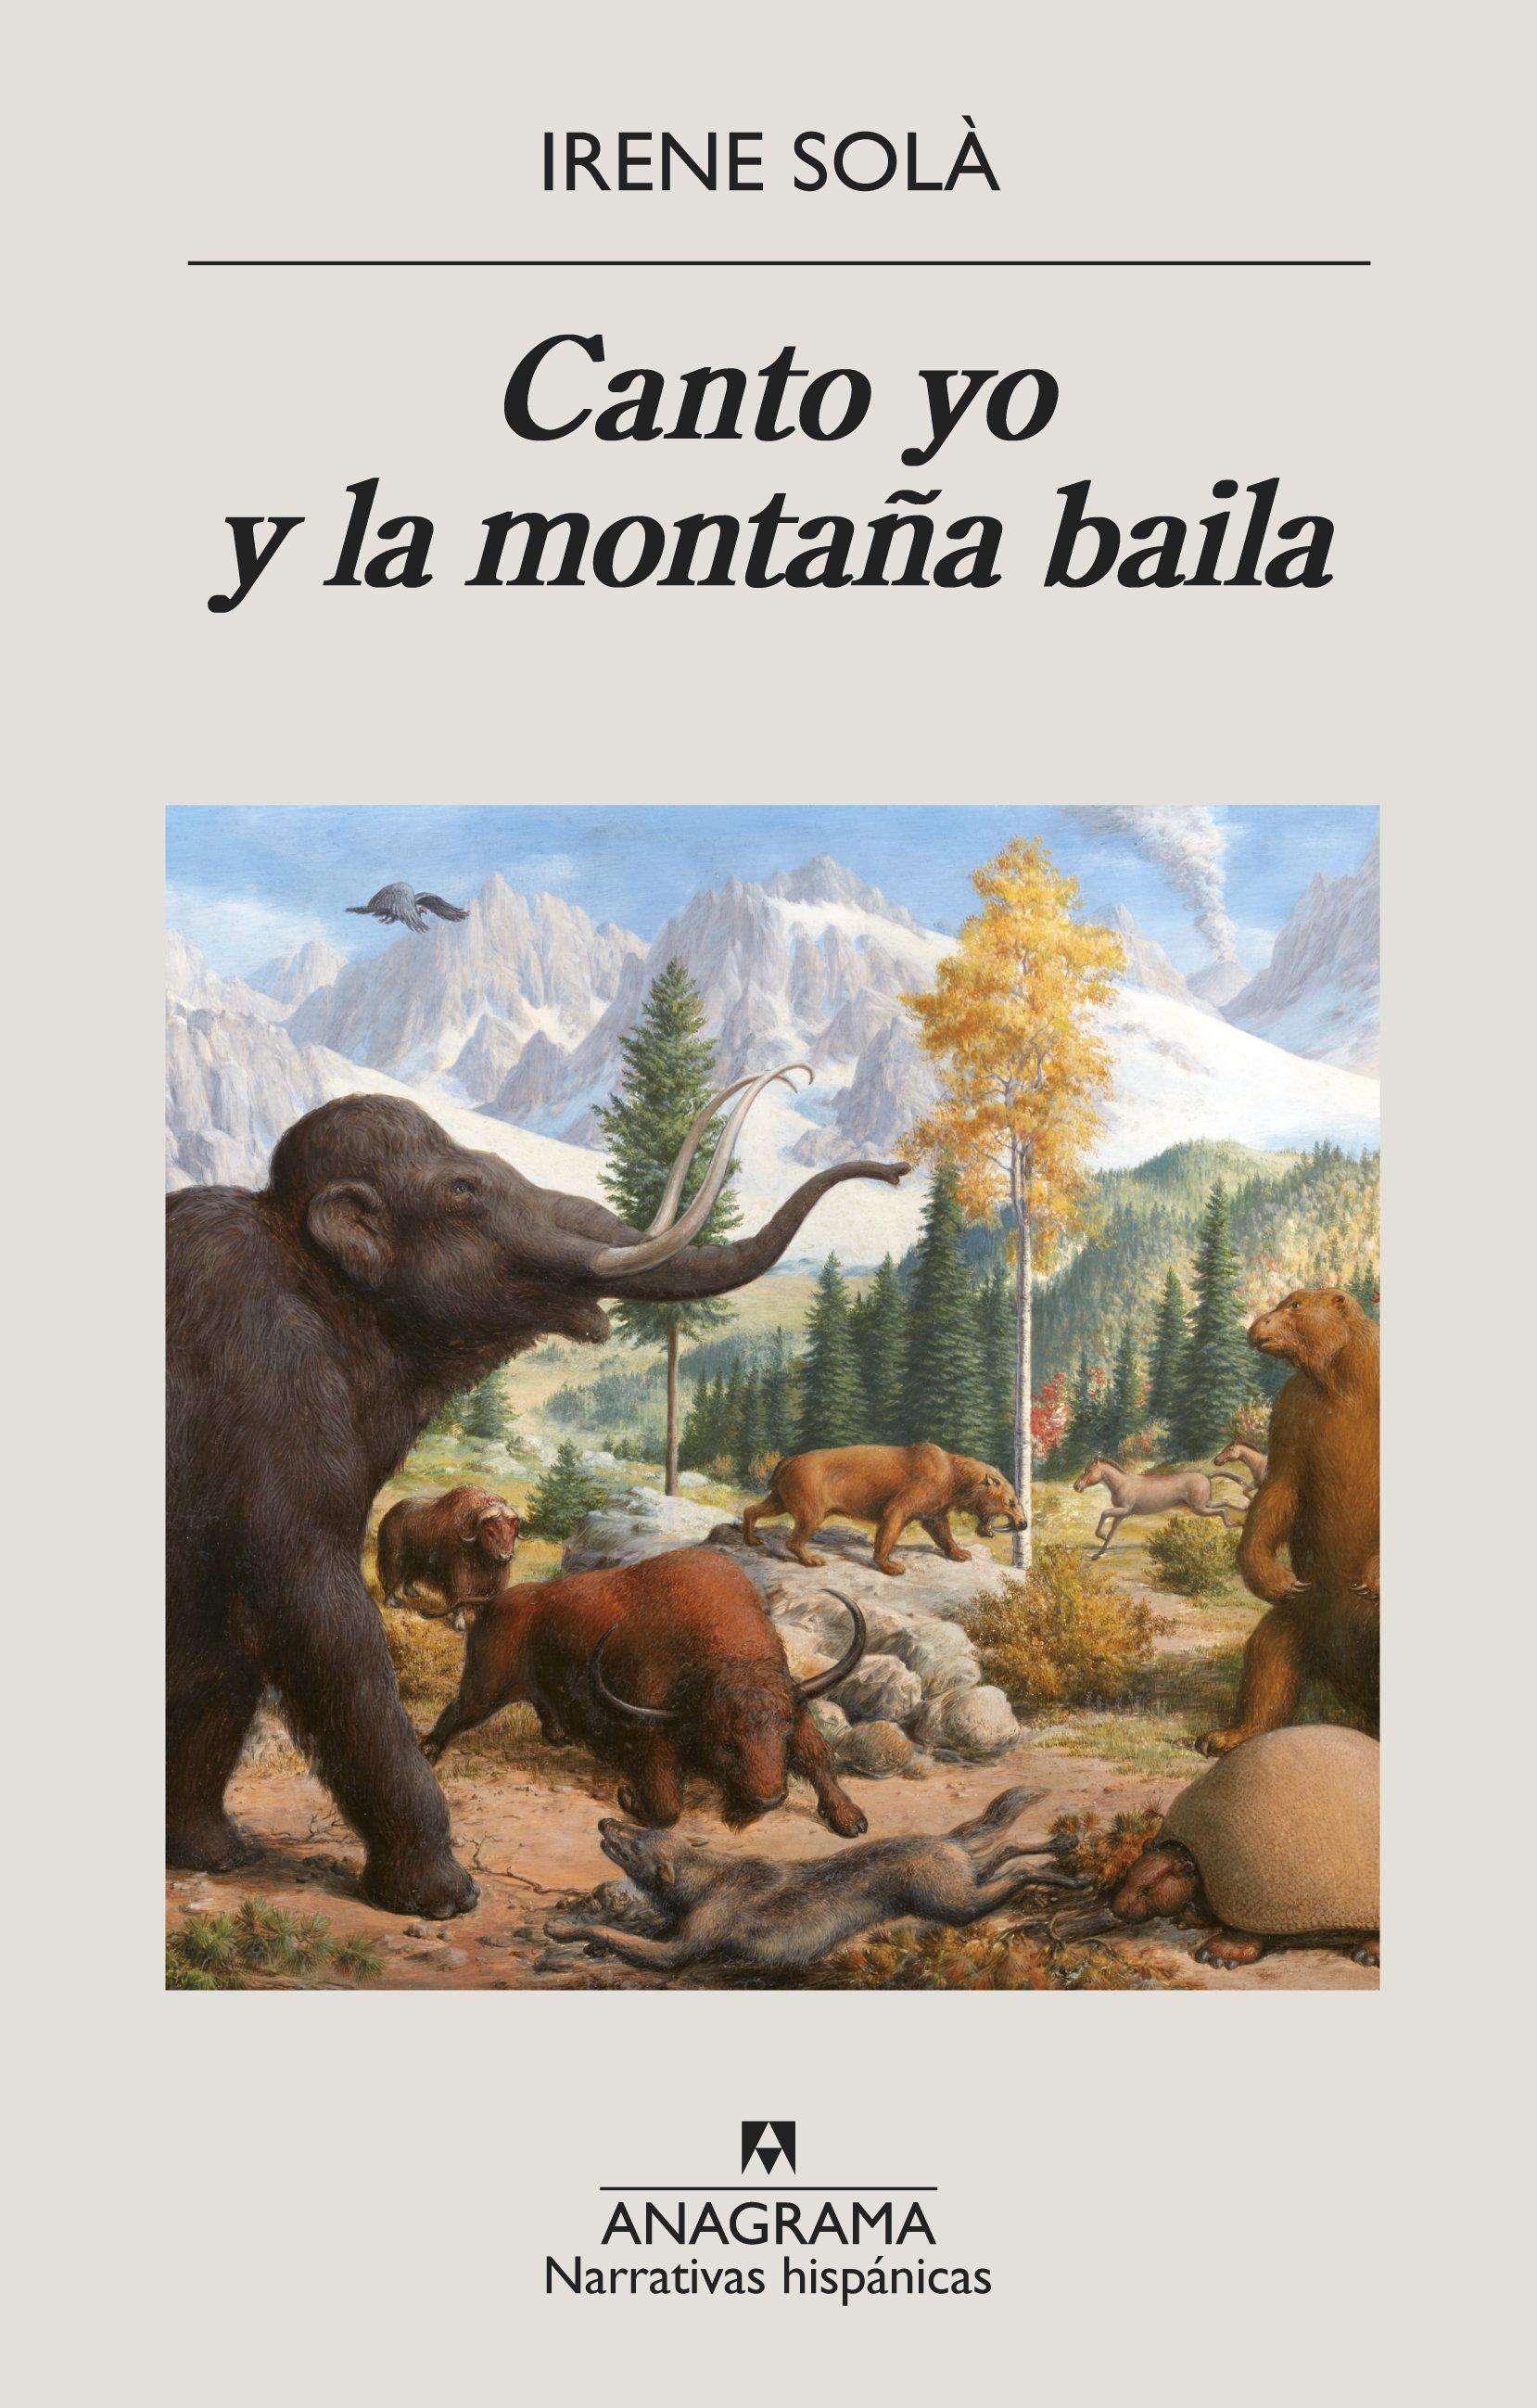 Canto yo y la montaña baila - Libros para el verano